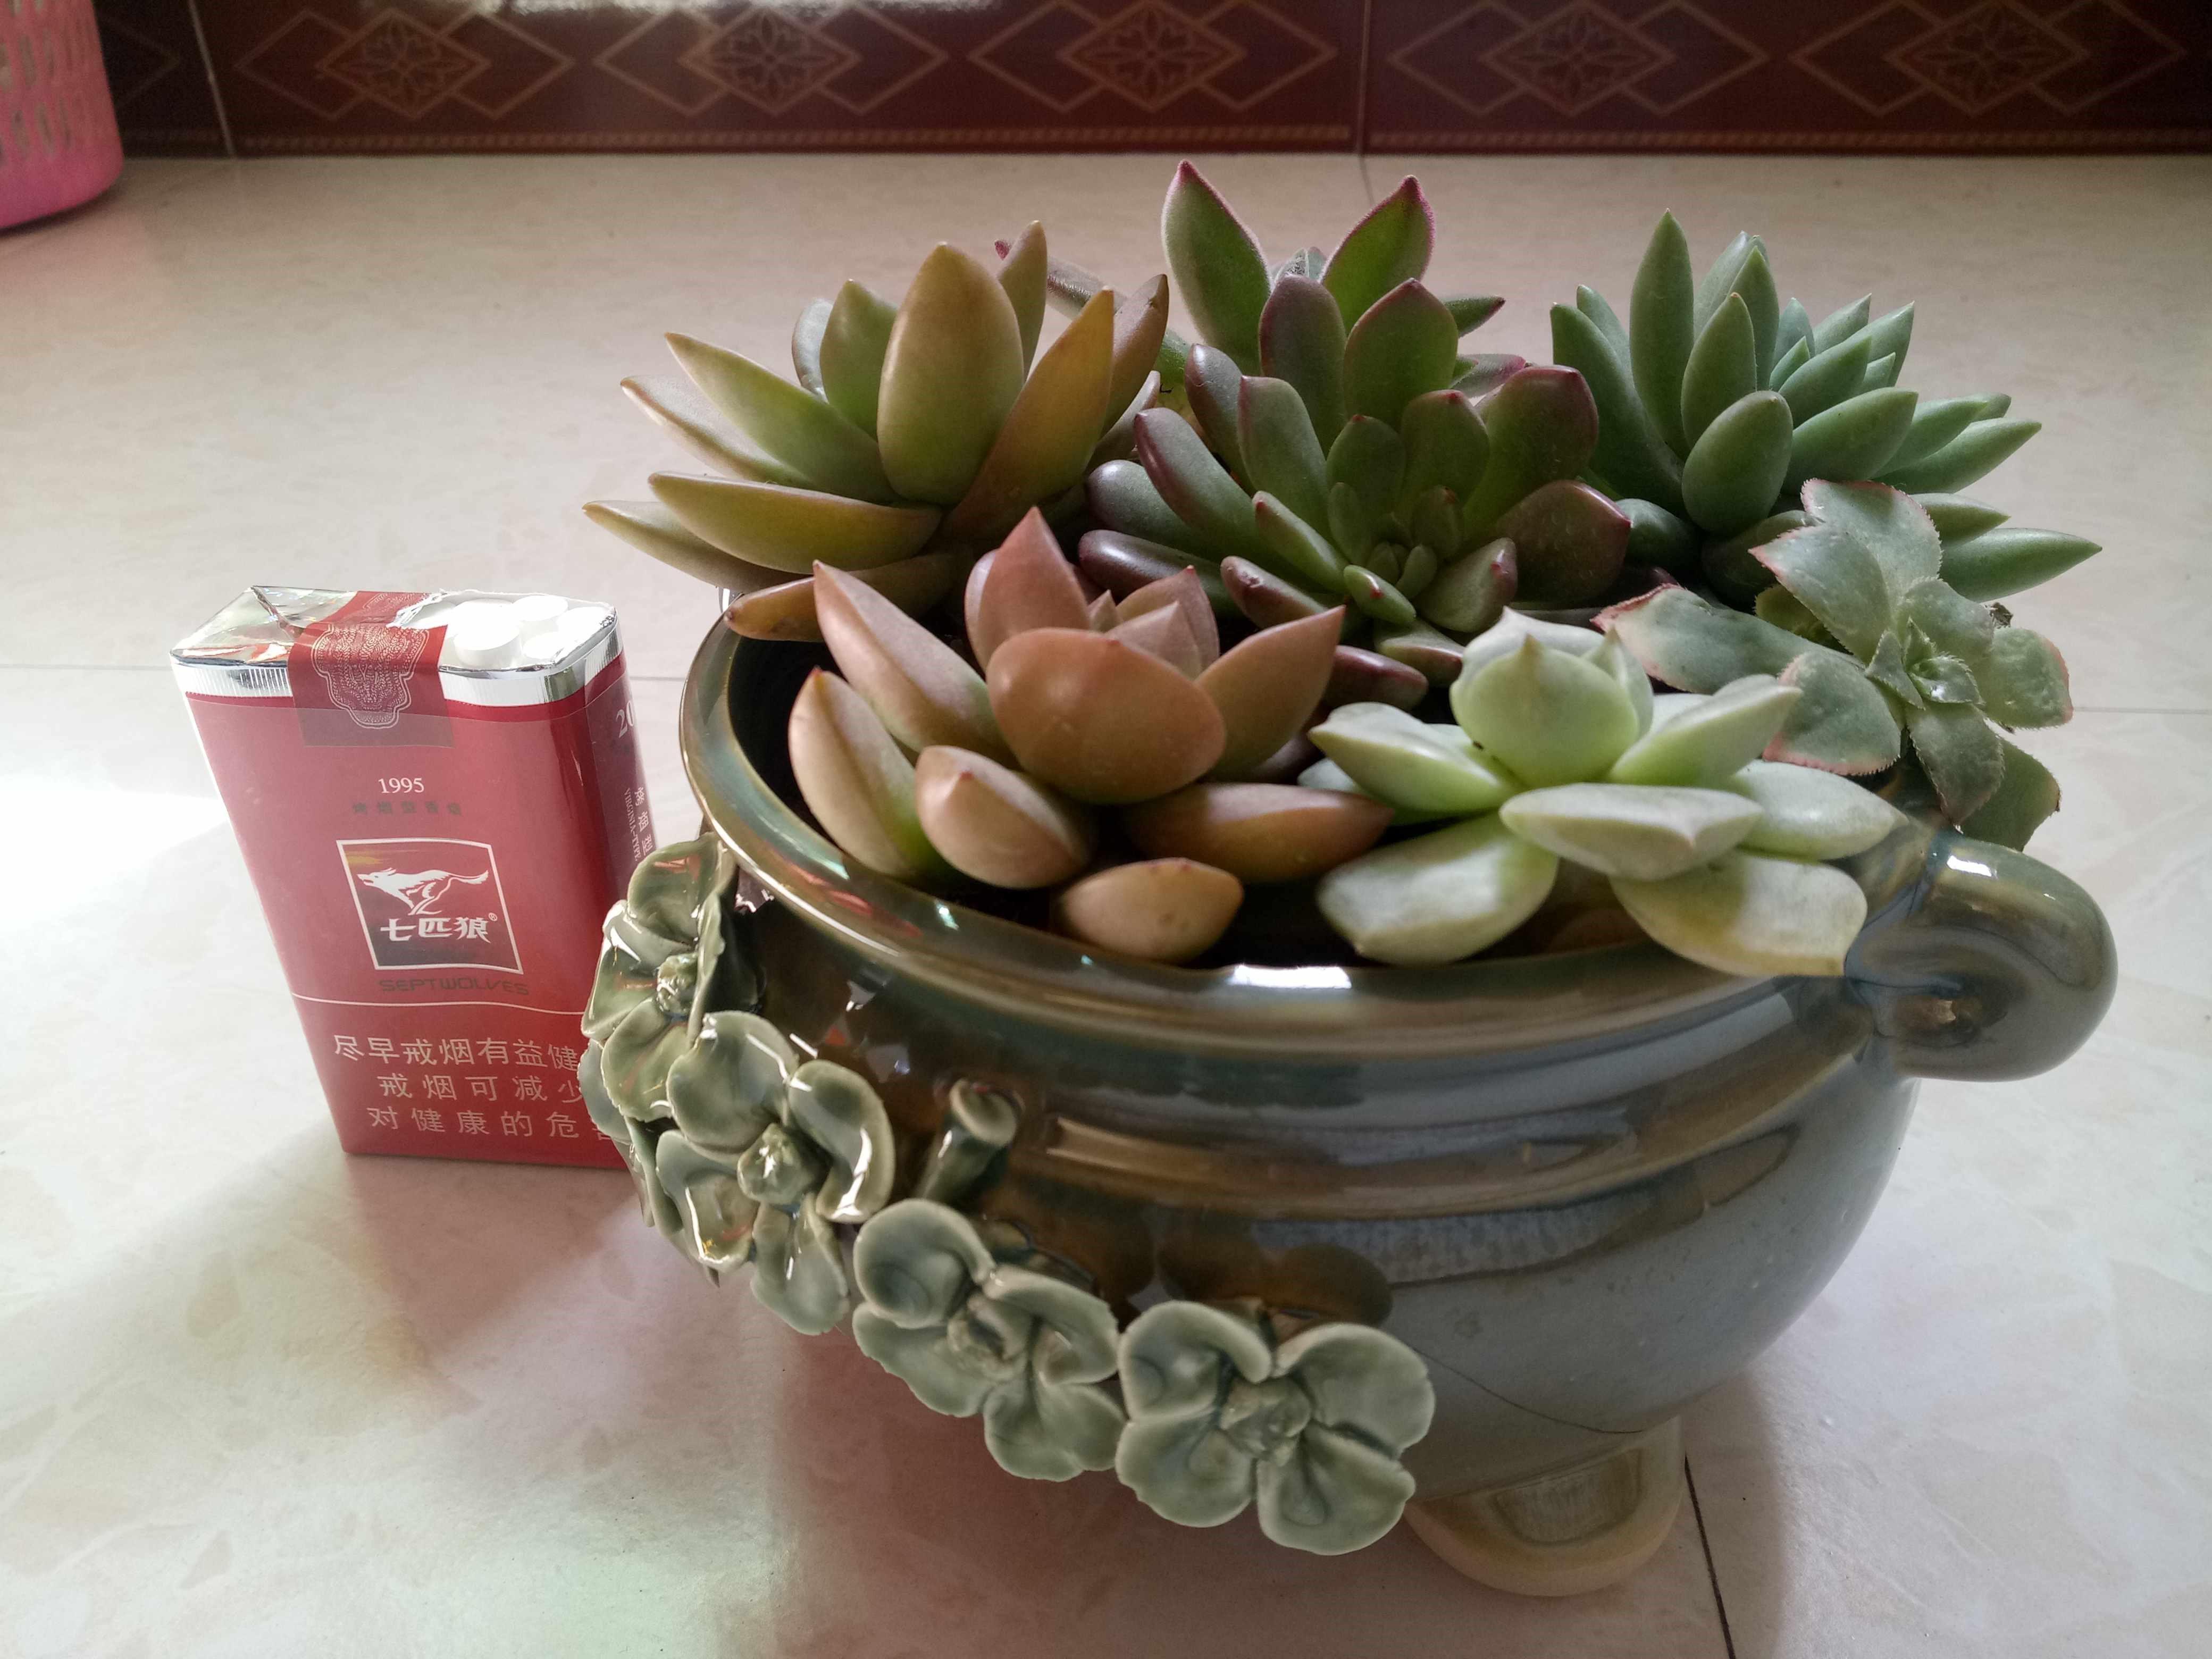 多肉植物花盆手工大口径客厅多肉肉陶瓷创意家居便宜摆件限时特价